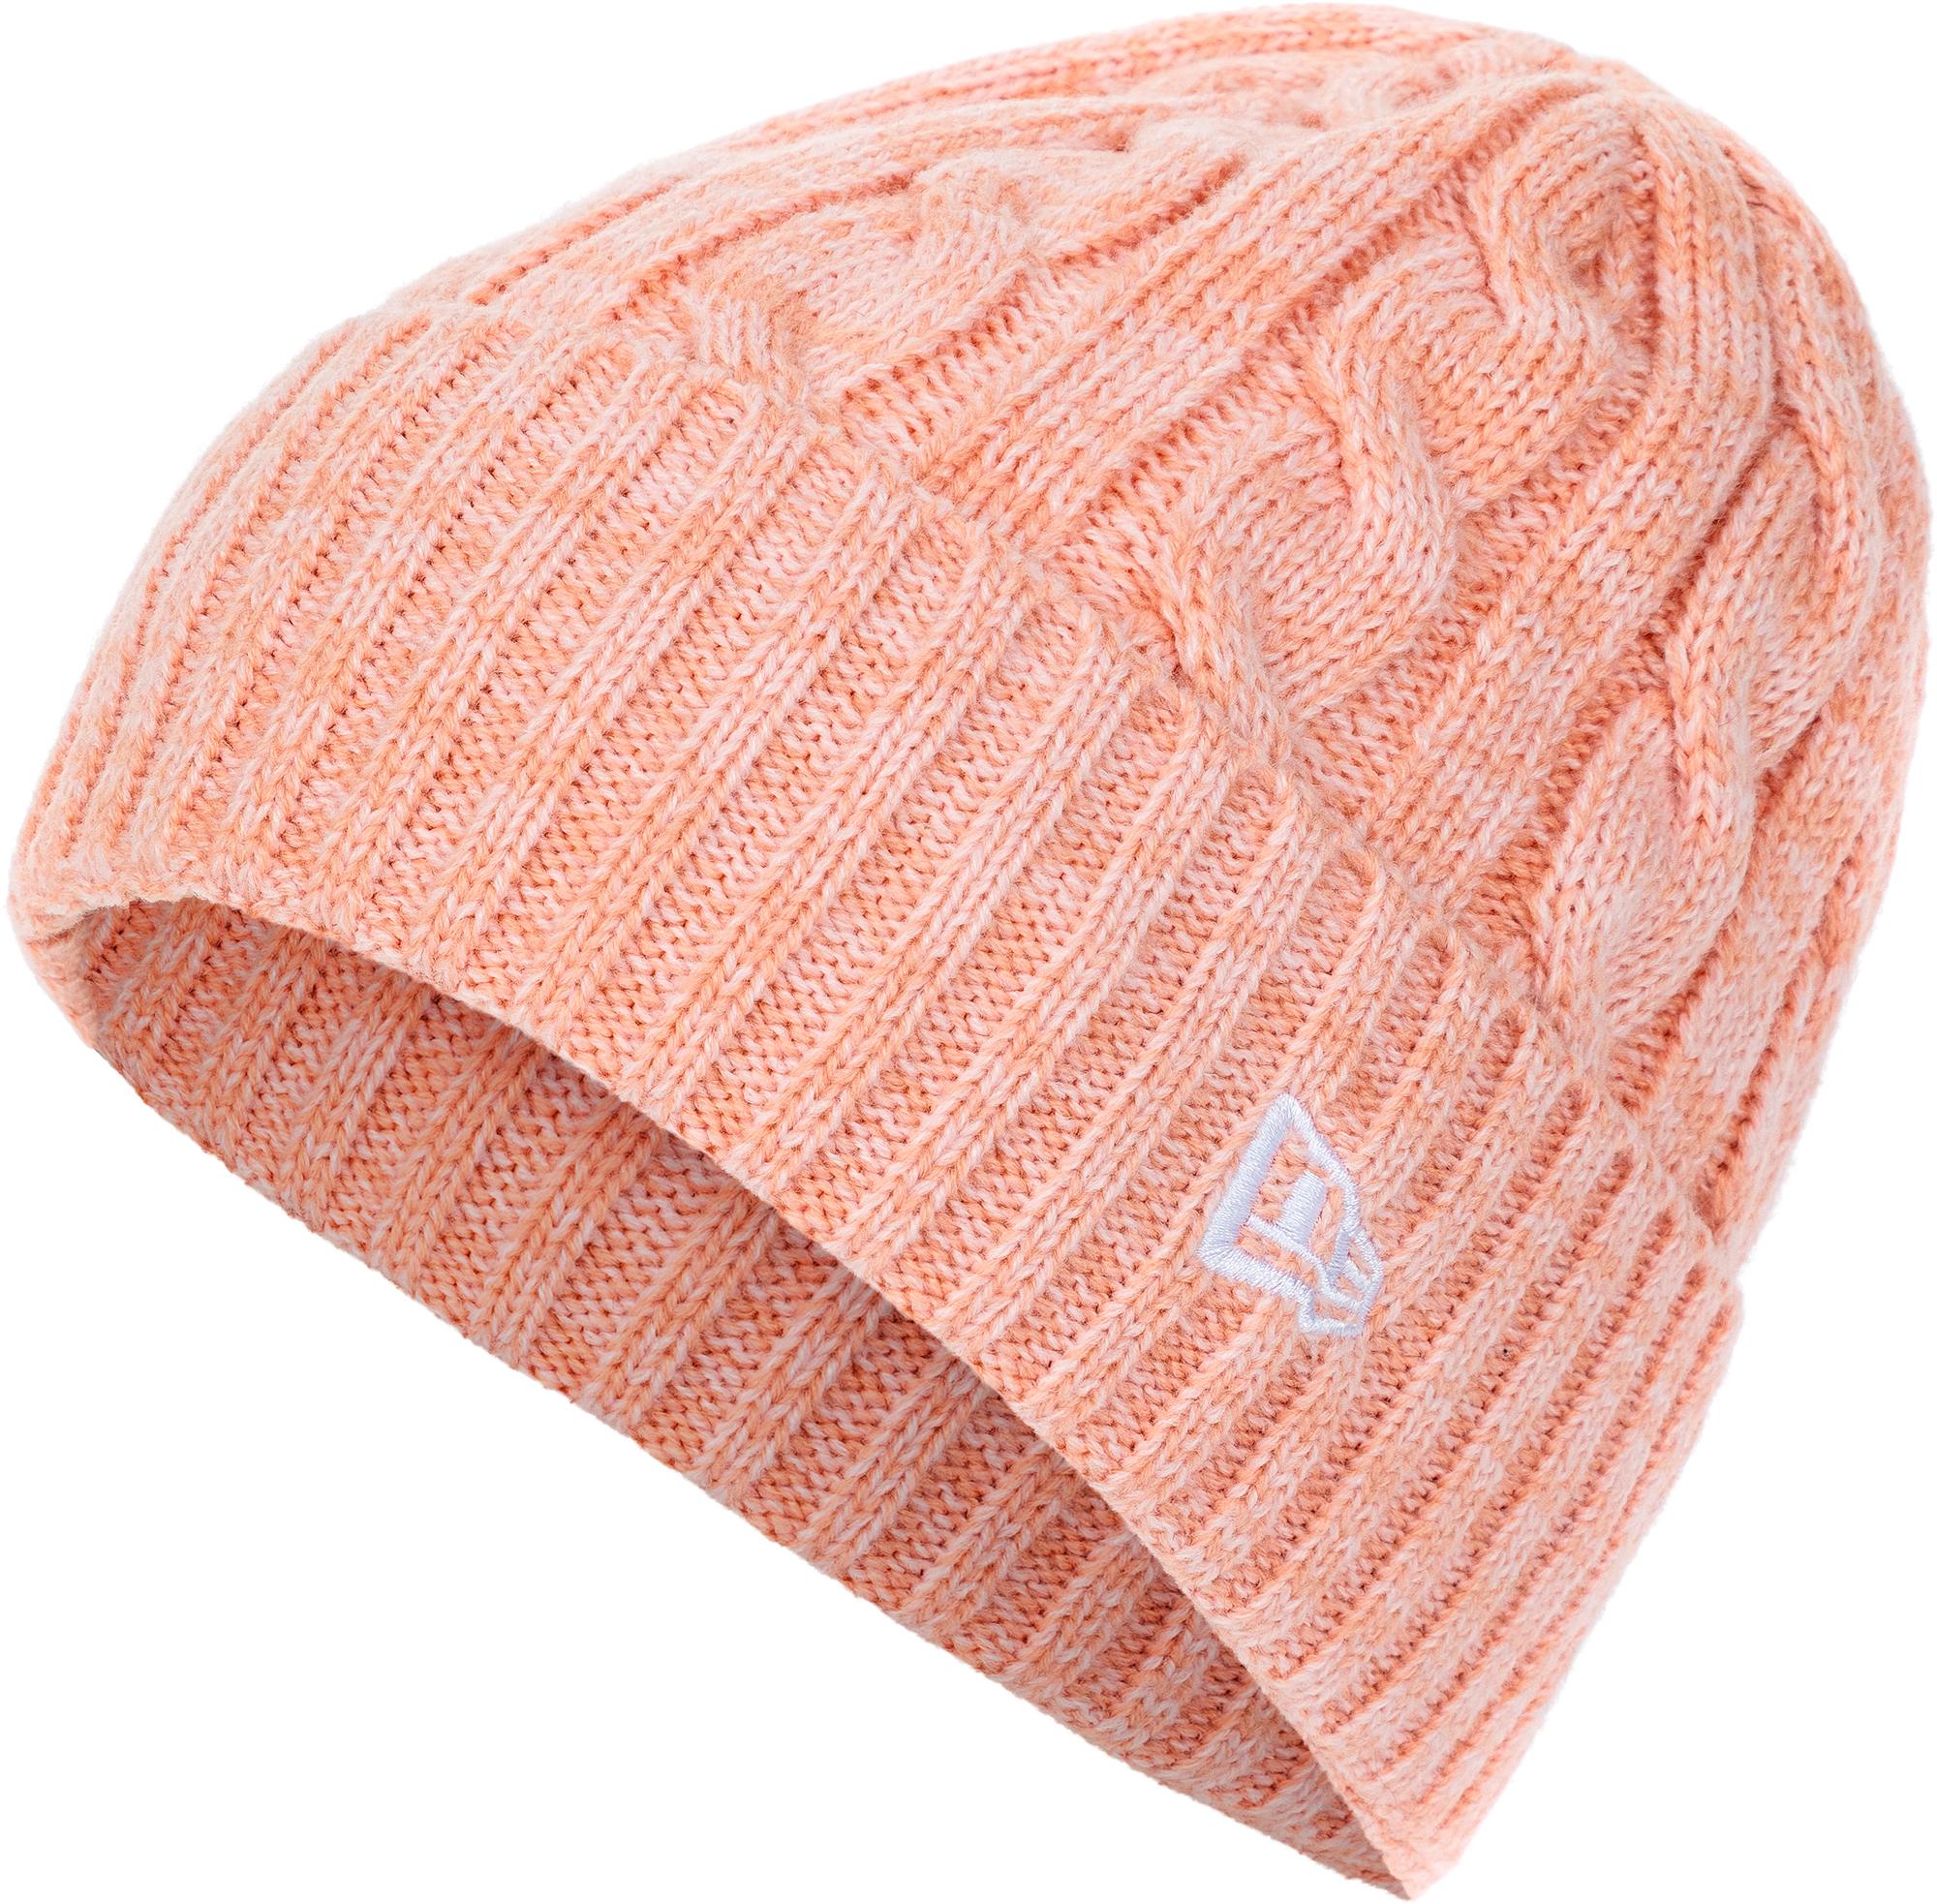 New Era Шапка женская New Era Cable Cuff Knit new era шапка new era lic 801 essential cuff knit размер без размера